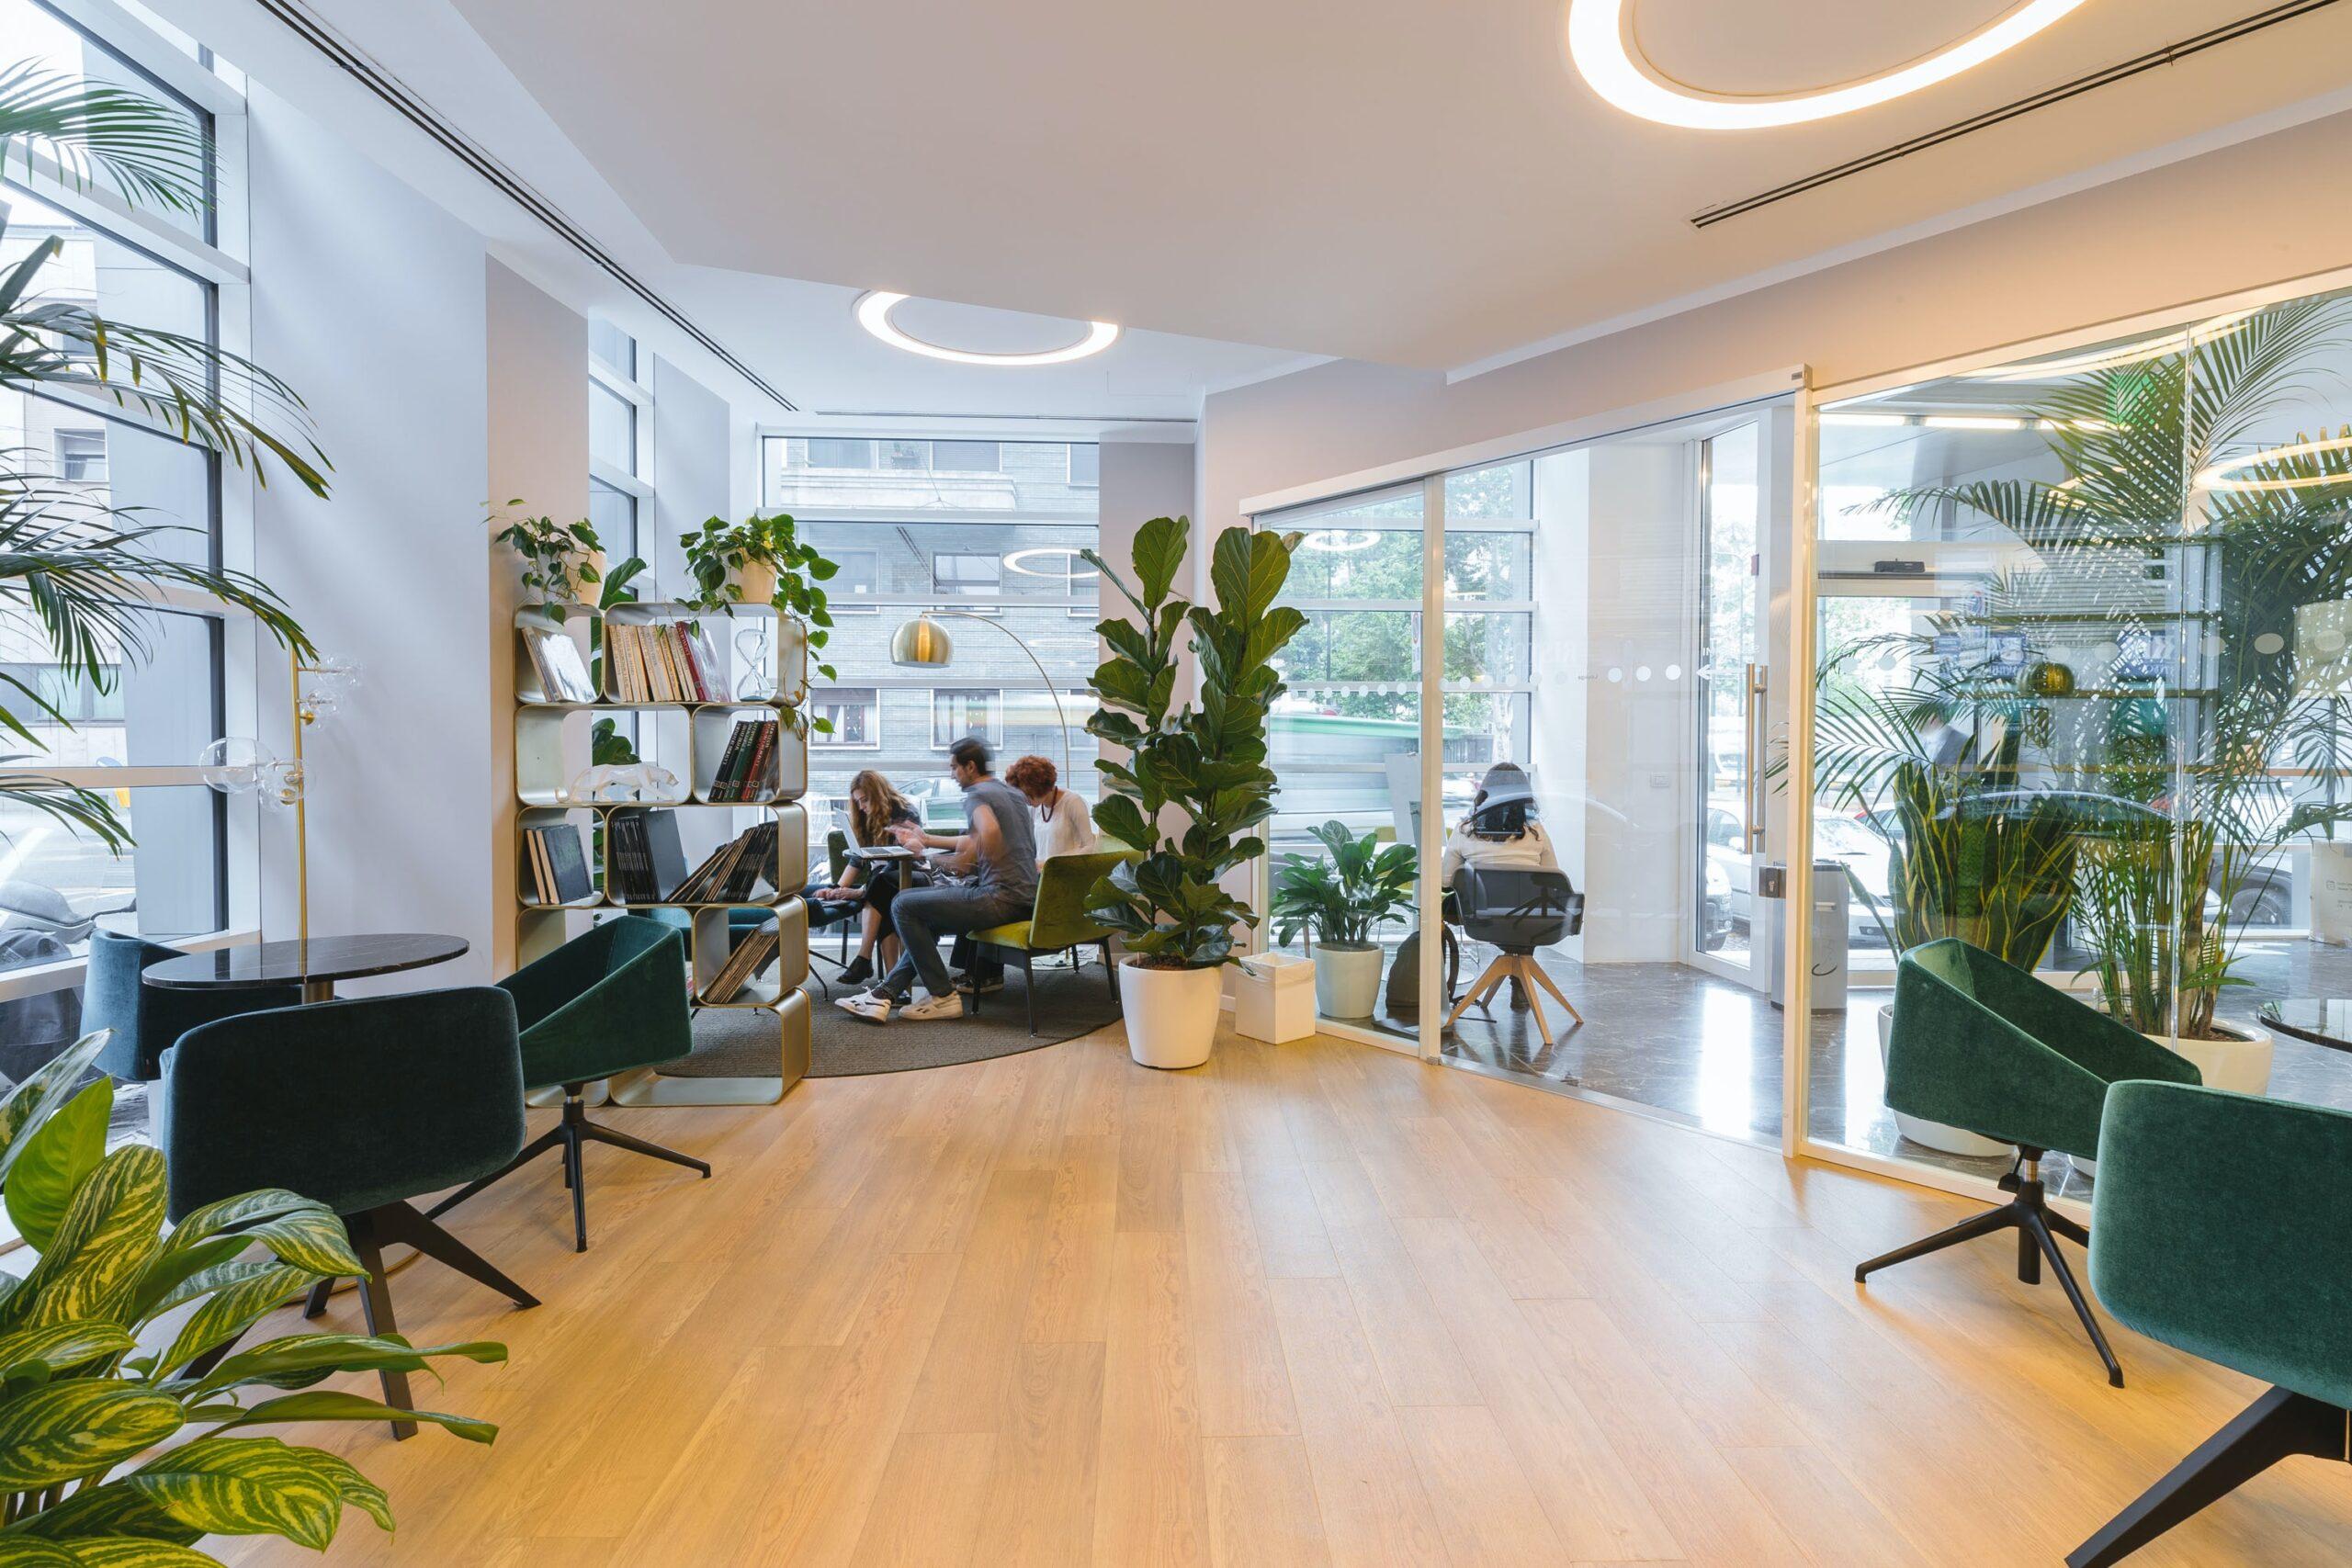 オフィスの緑視率が高いと、なぜ作業効率が上がるのか